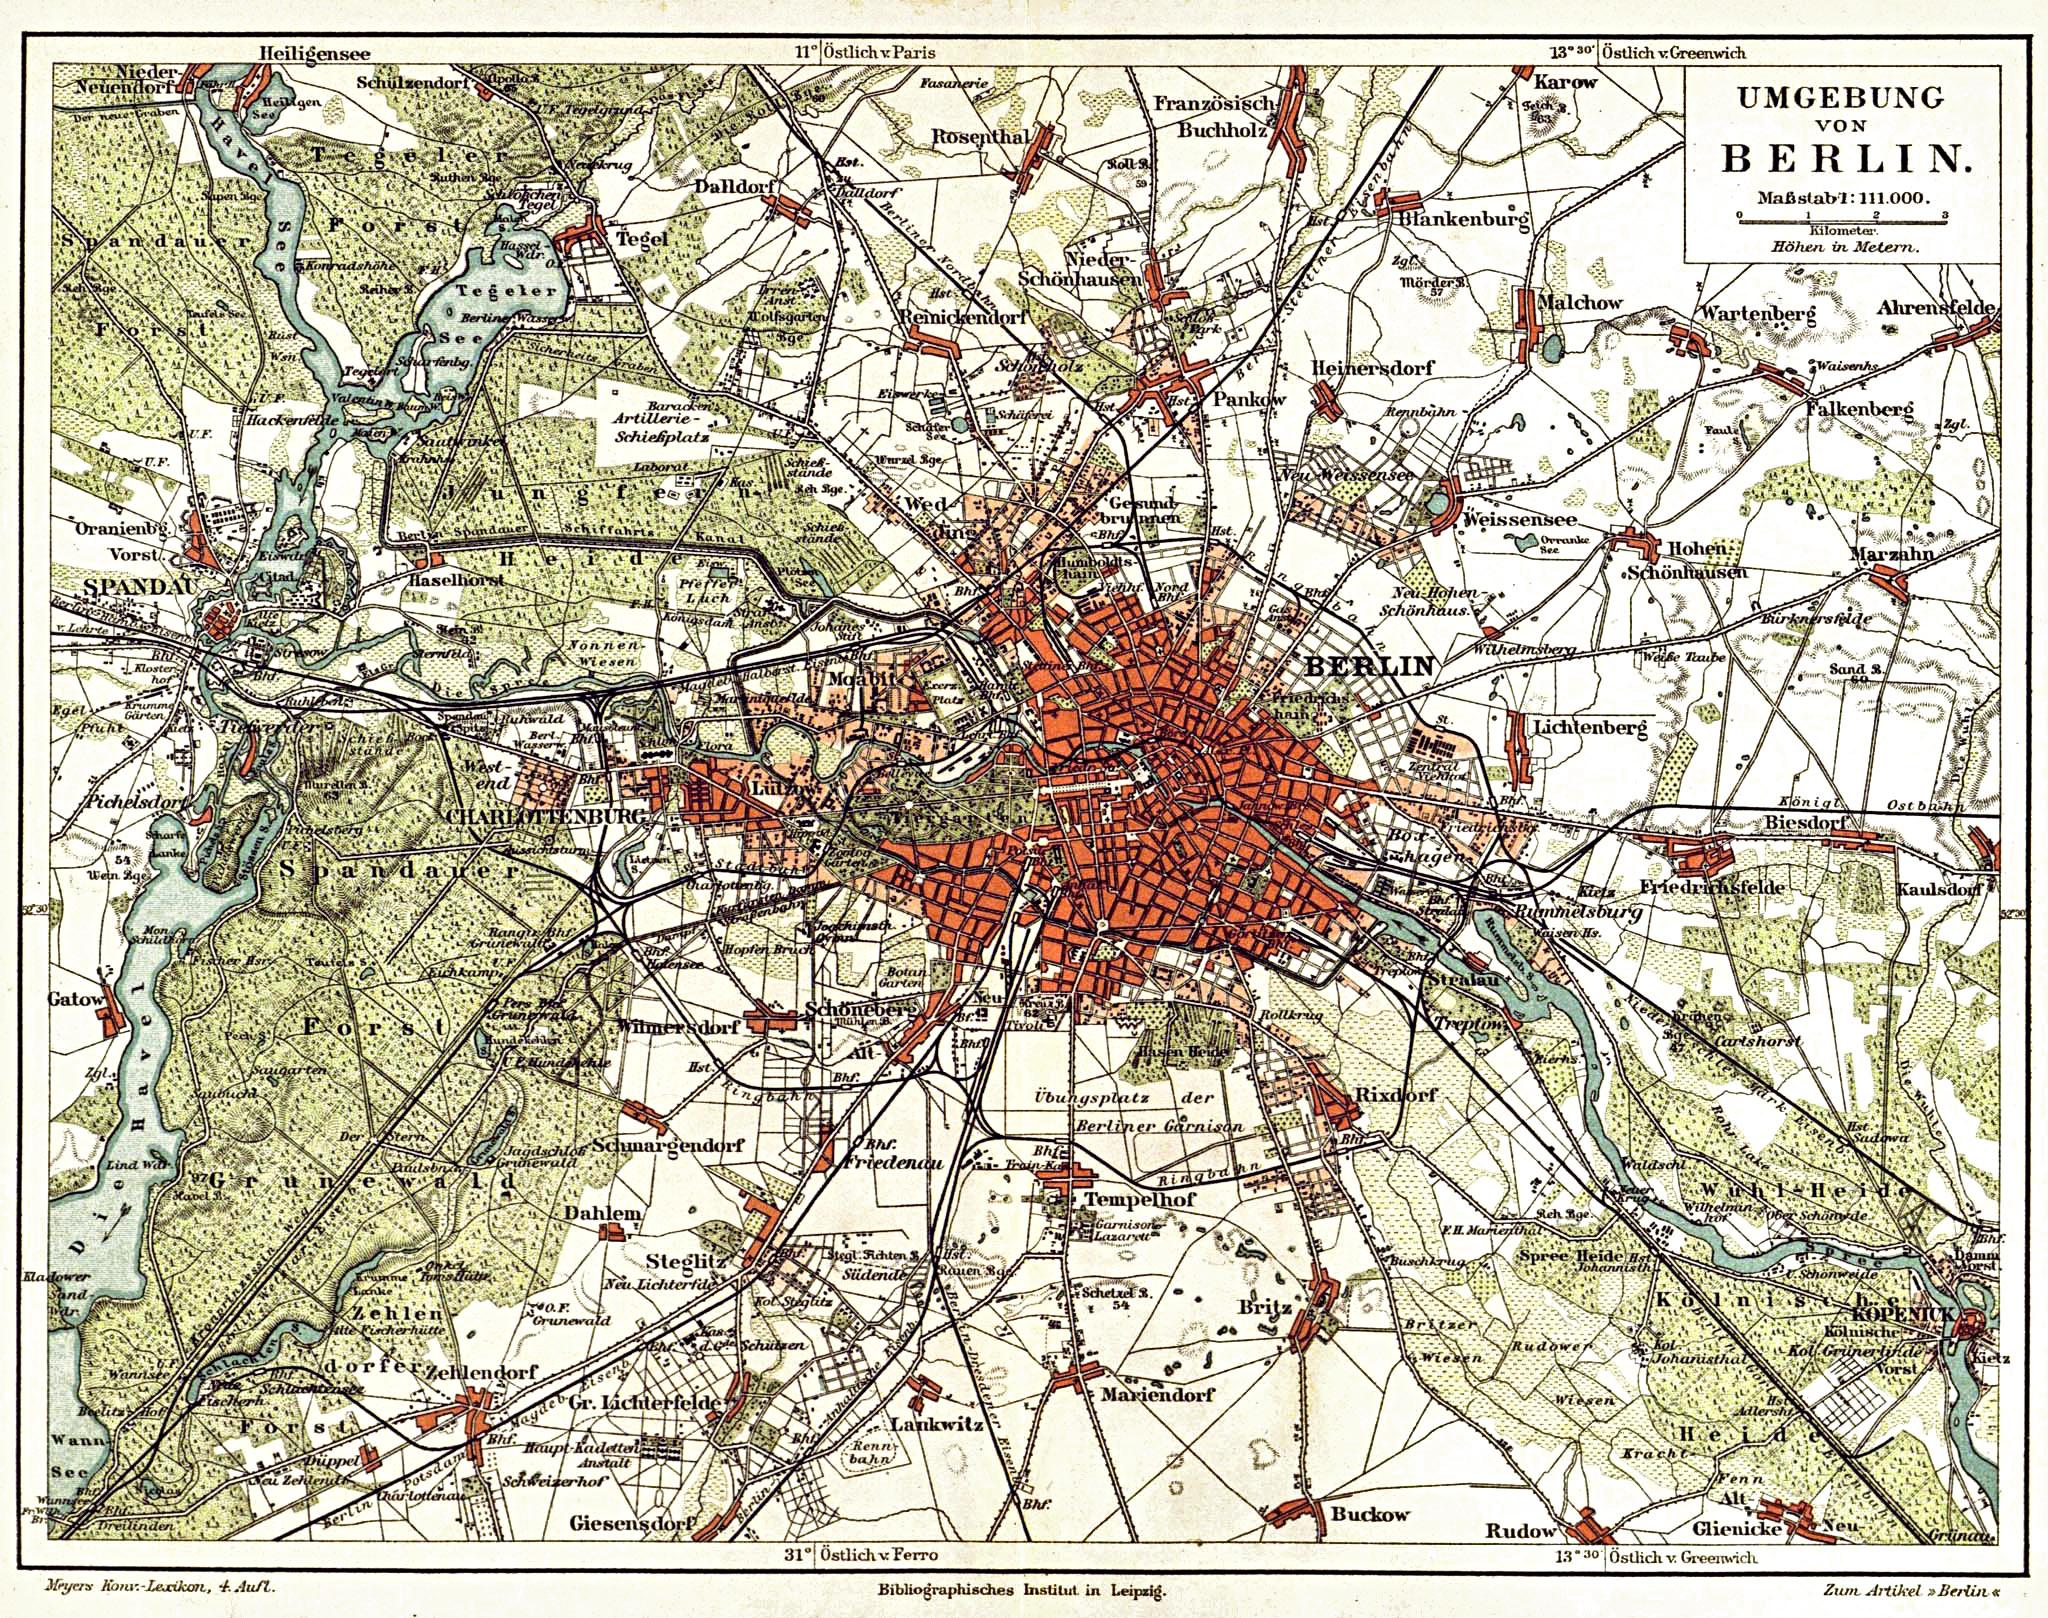 Stadtplan von Berlin aus dem 19. Jahrhundert - Quelle: Wikimedia